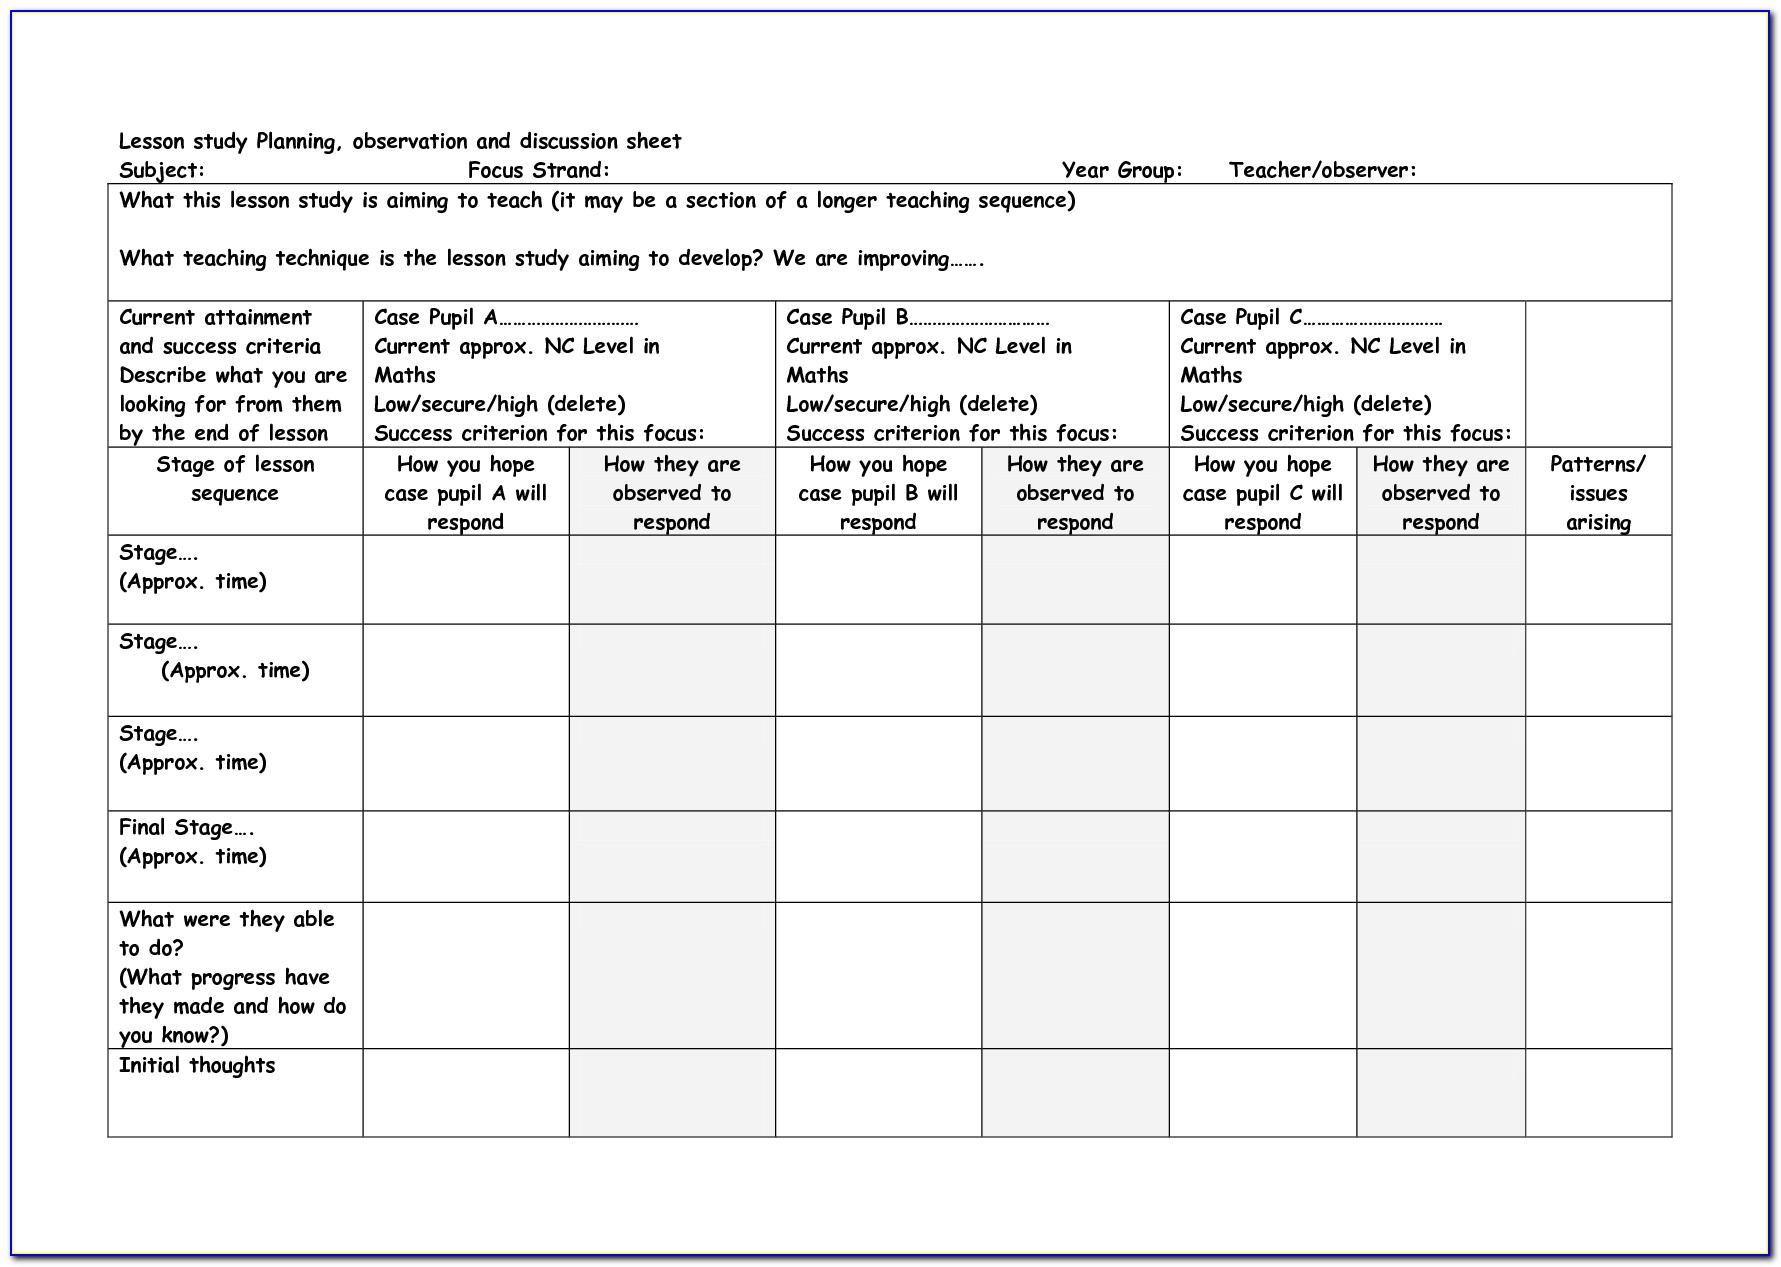 Lesson Plan Format For Formal Observation